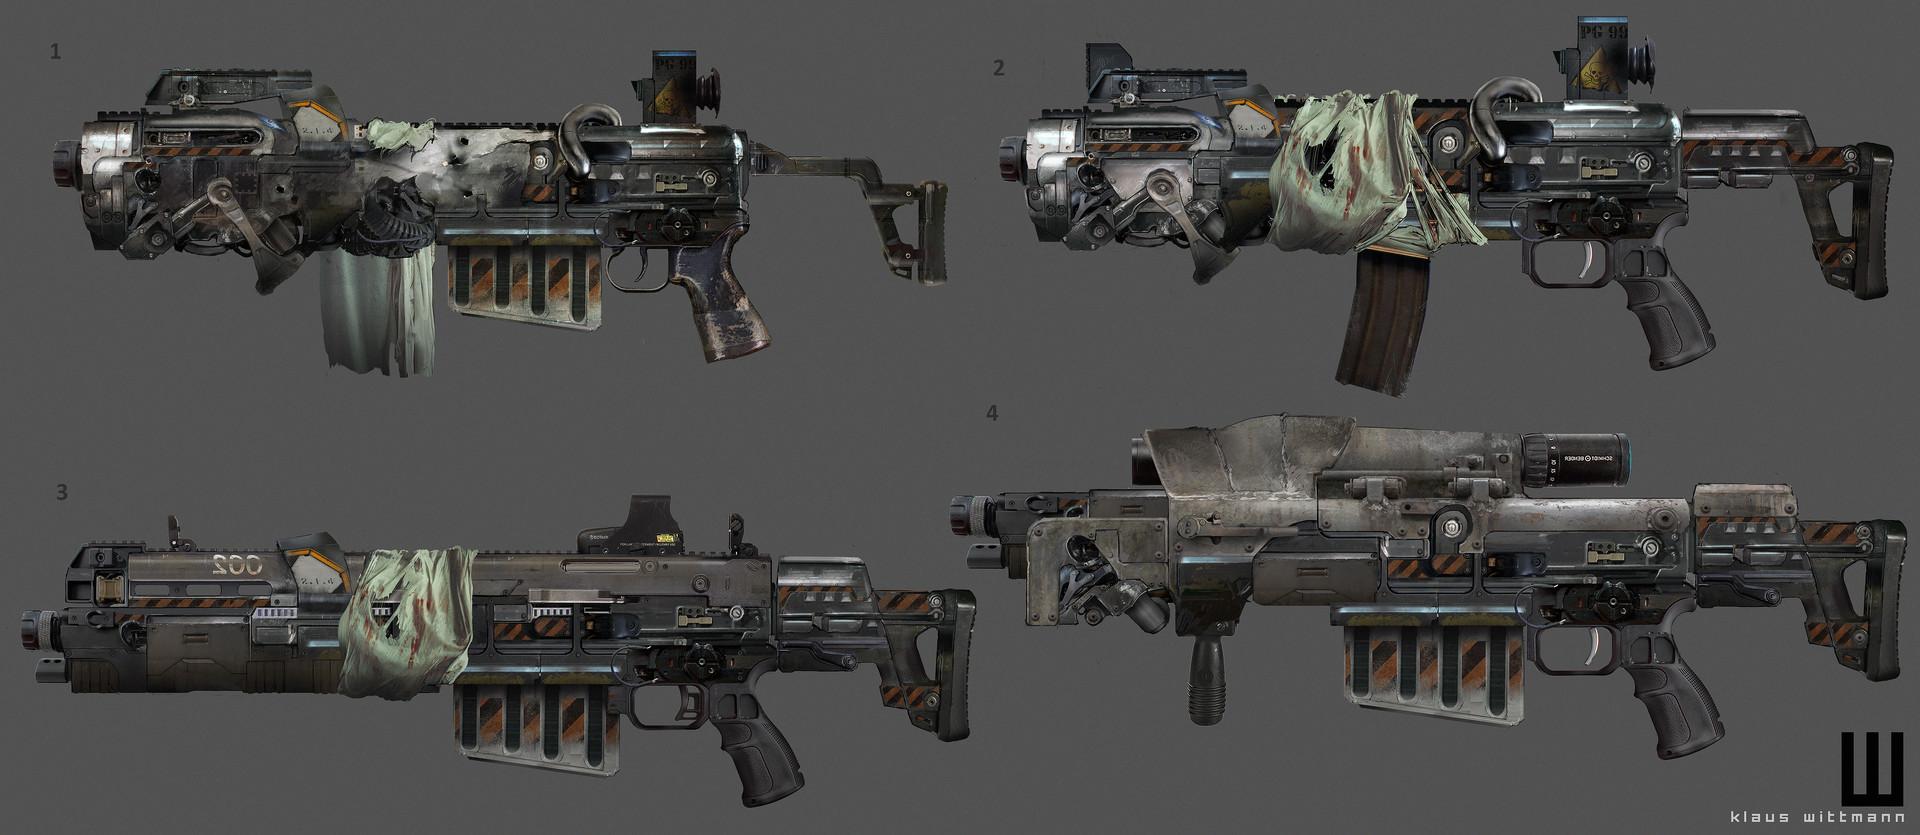 Klaus wittmann guns1